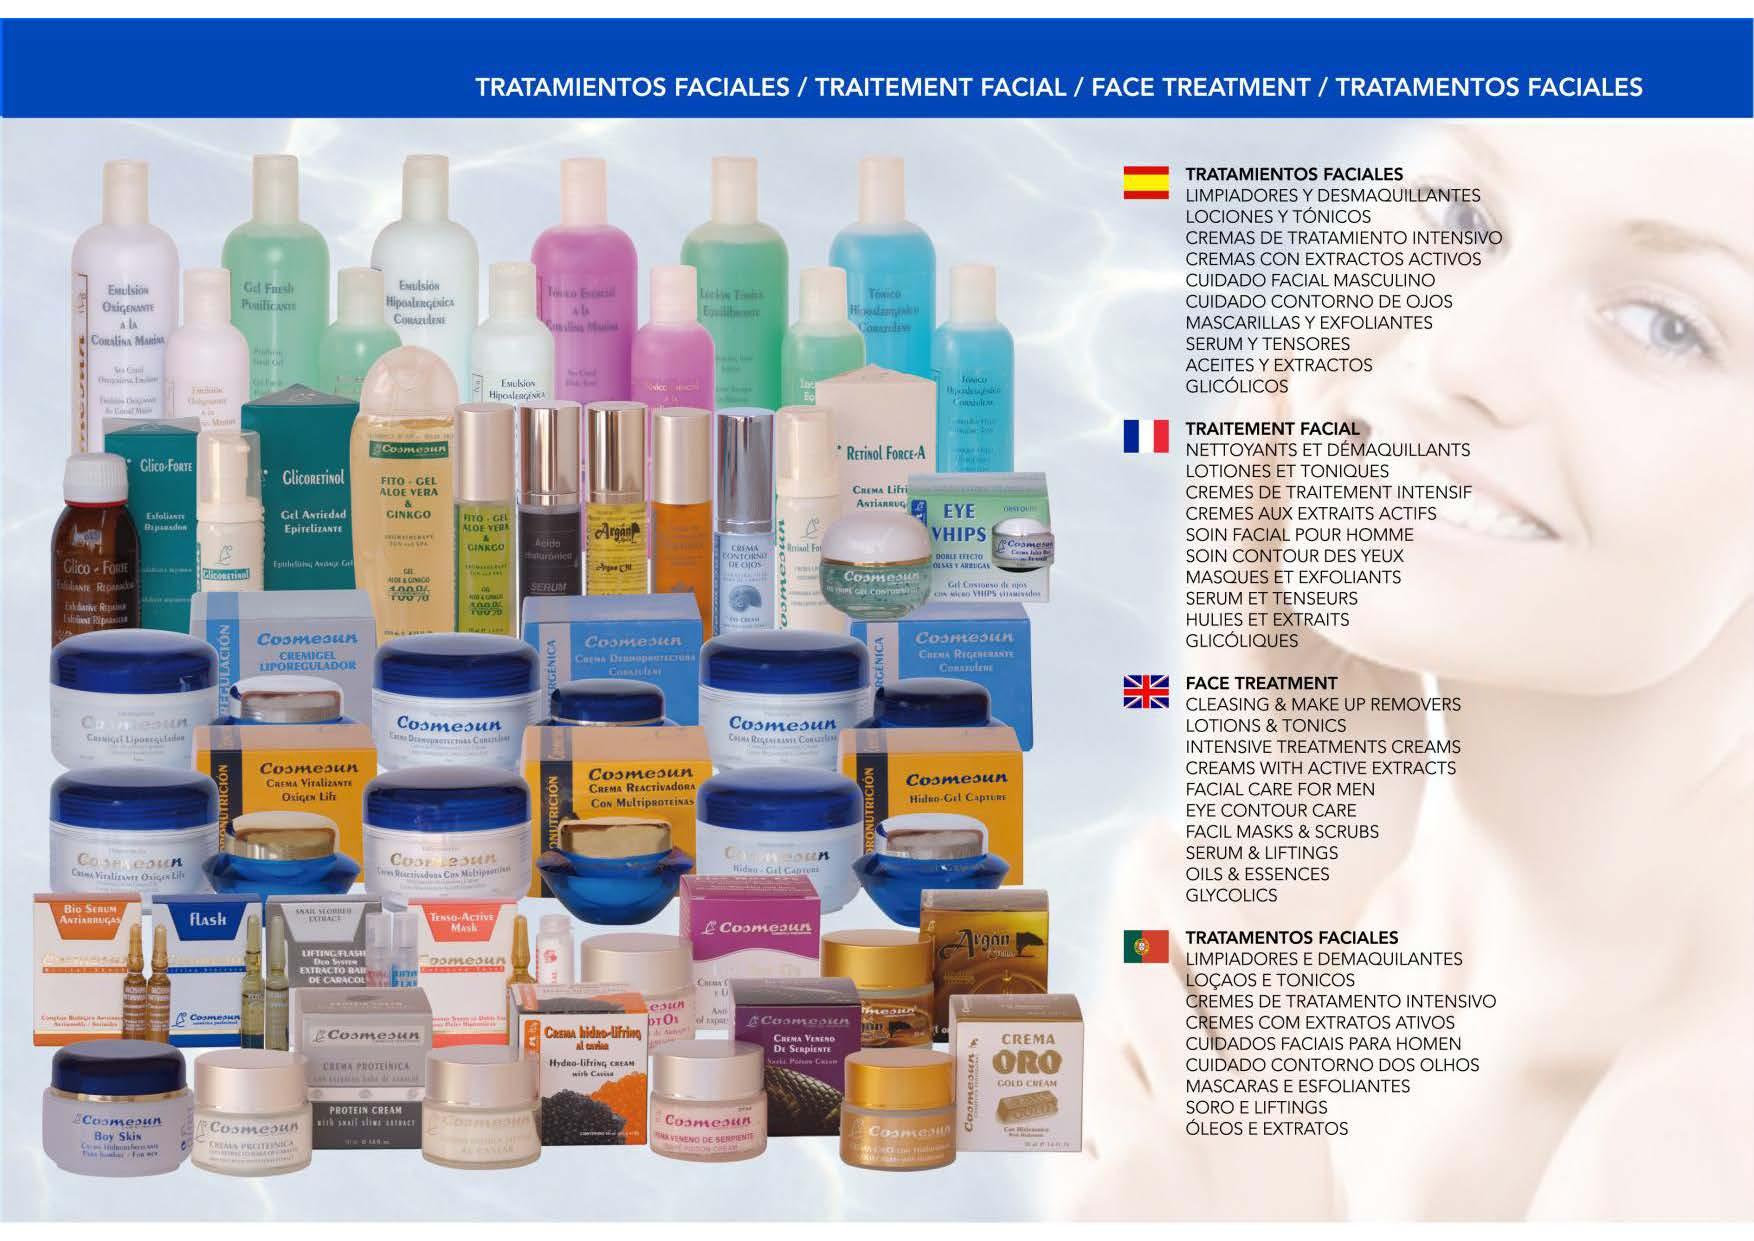 tratamientos_faciales.jpg